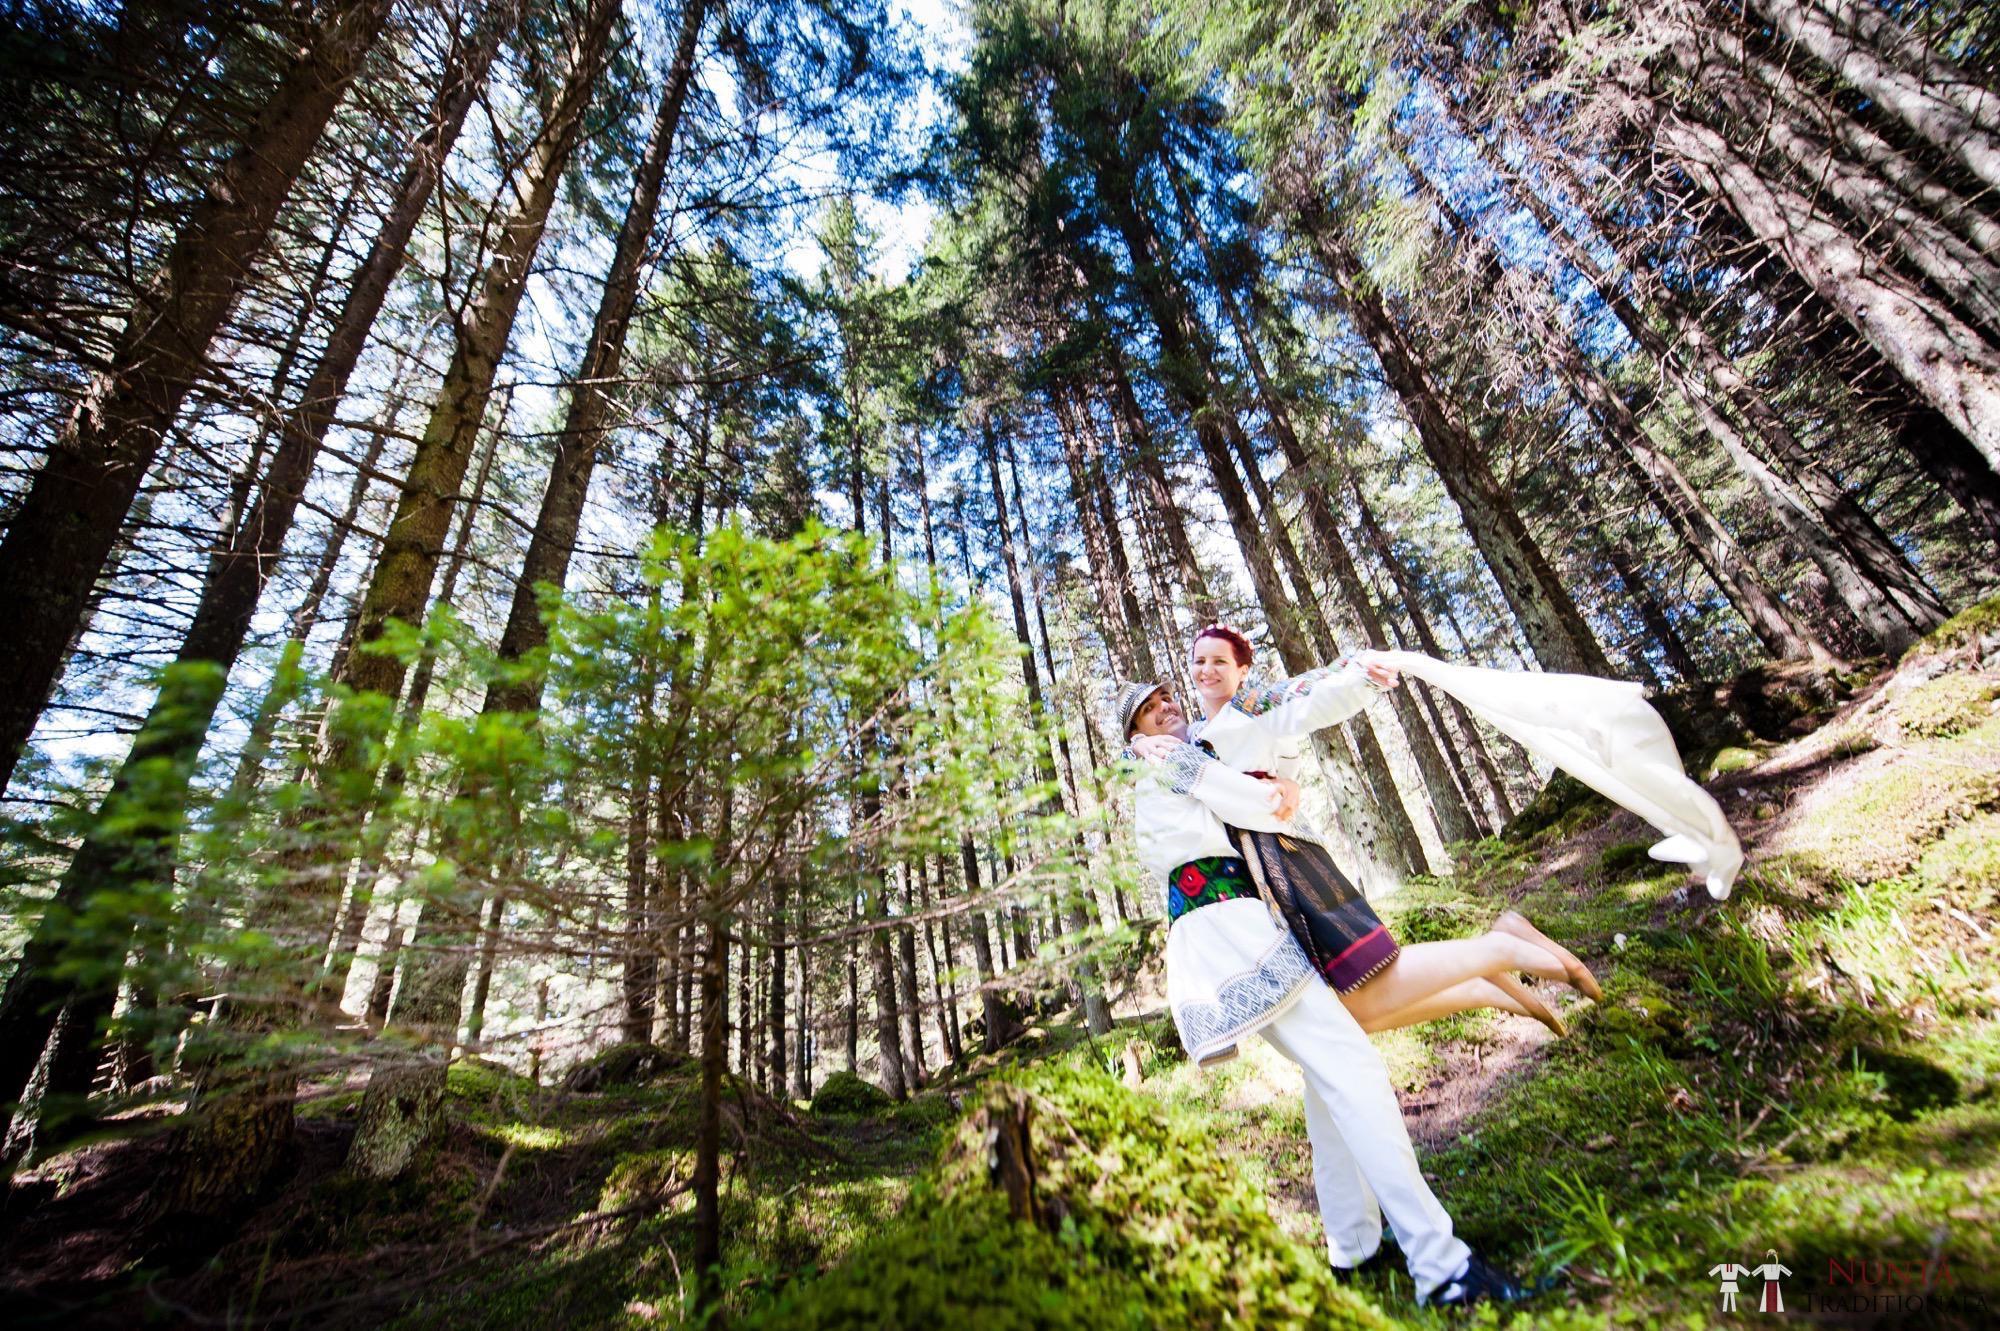 Povești Nunți Tradiționale - Gabriela și Mădălin - Nuntă Tradițională în Suceava, Bucovina 20